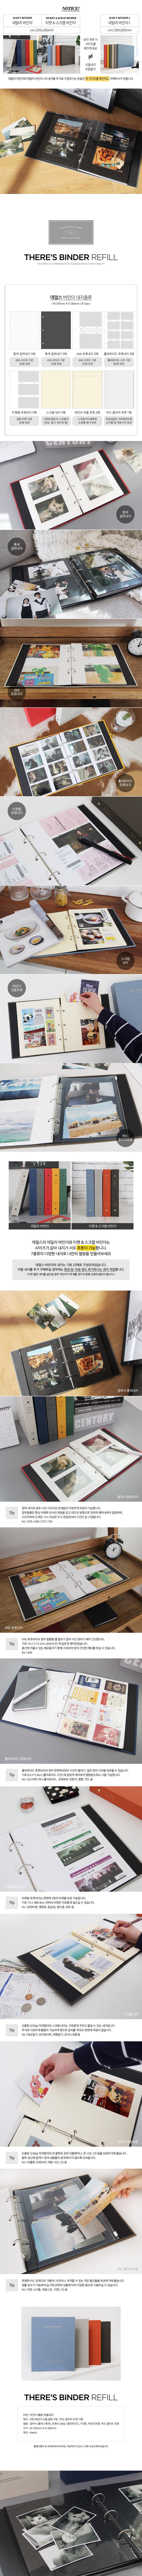 데일리 바인더앨범 티켓 바인더앨범 리필내지 - 데얼스, 2,000원, 접착앨범, 심플